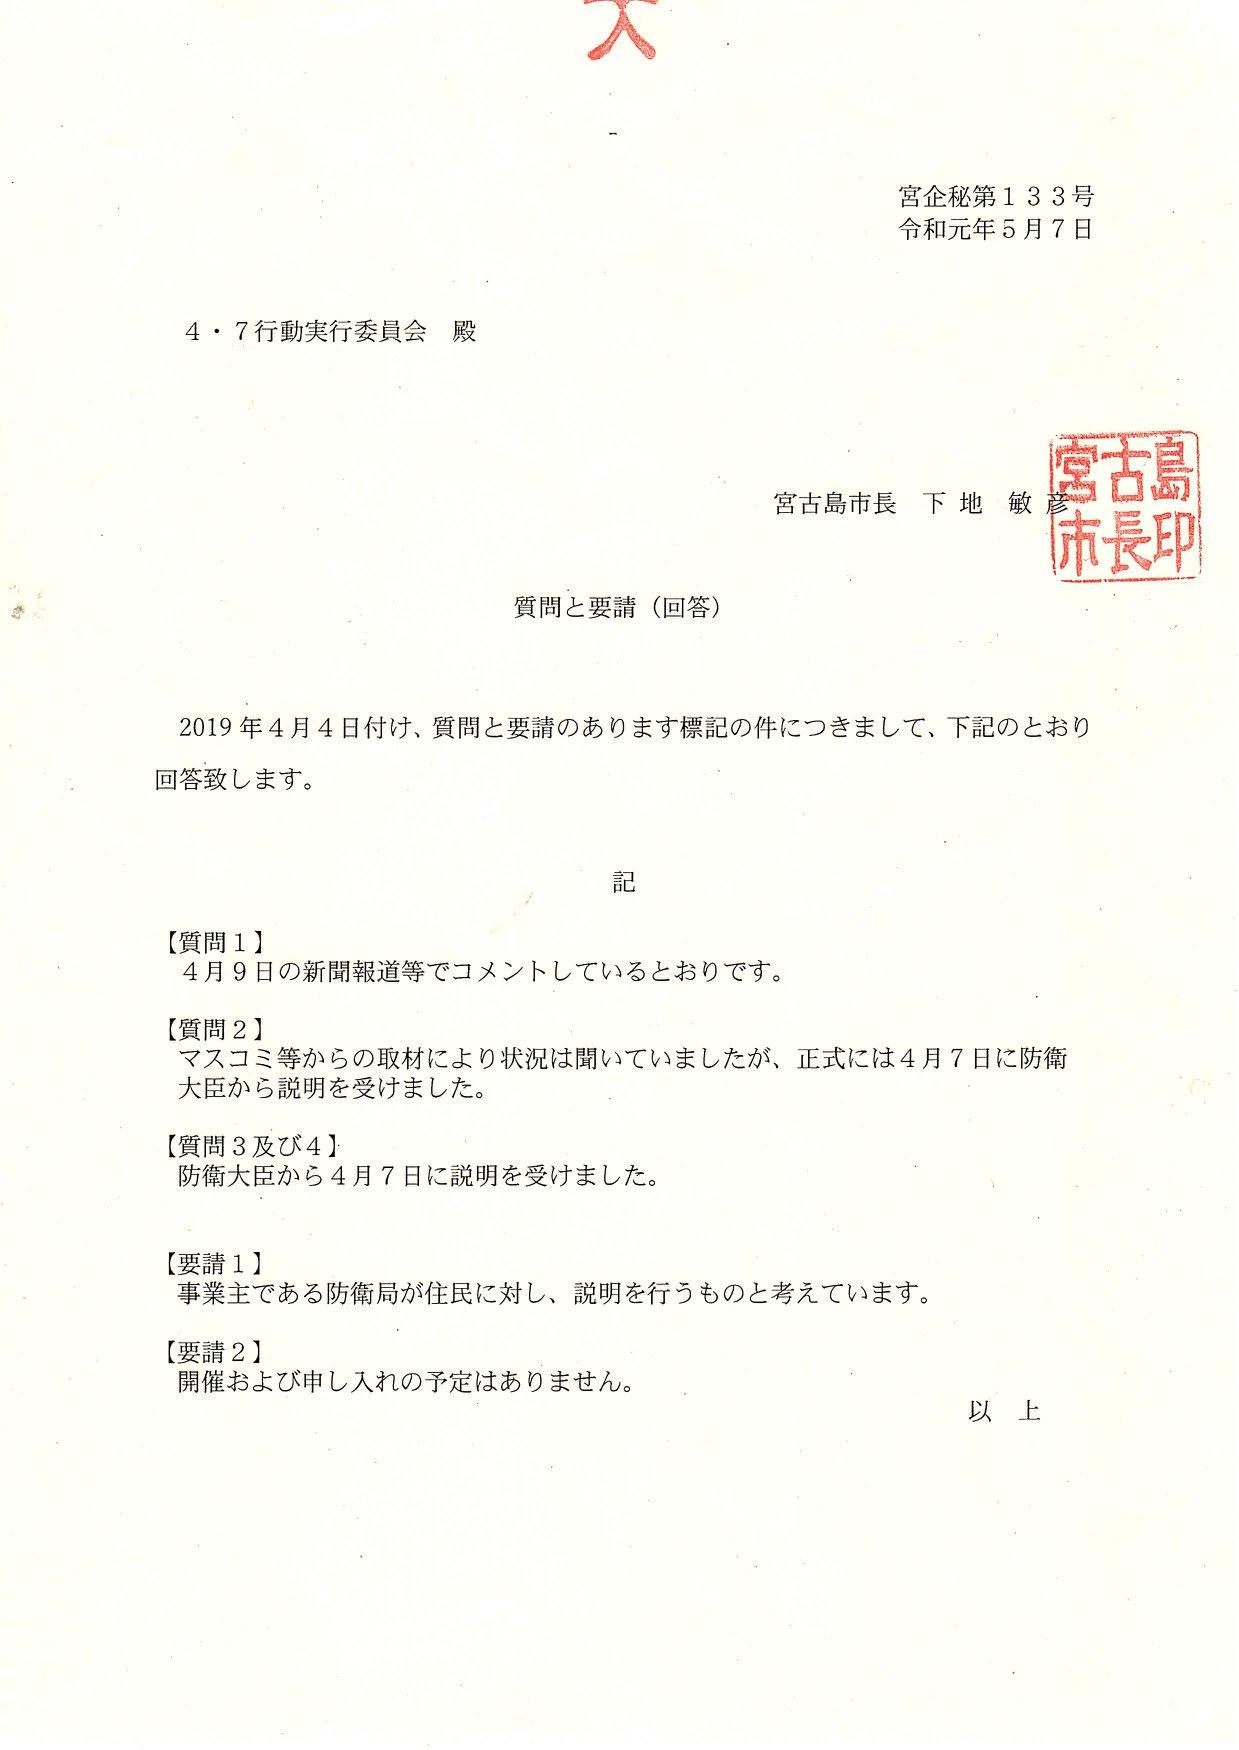 宮古島市長質問と要請に対する回答2019 0507